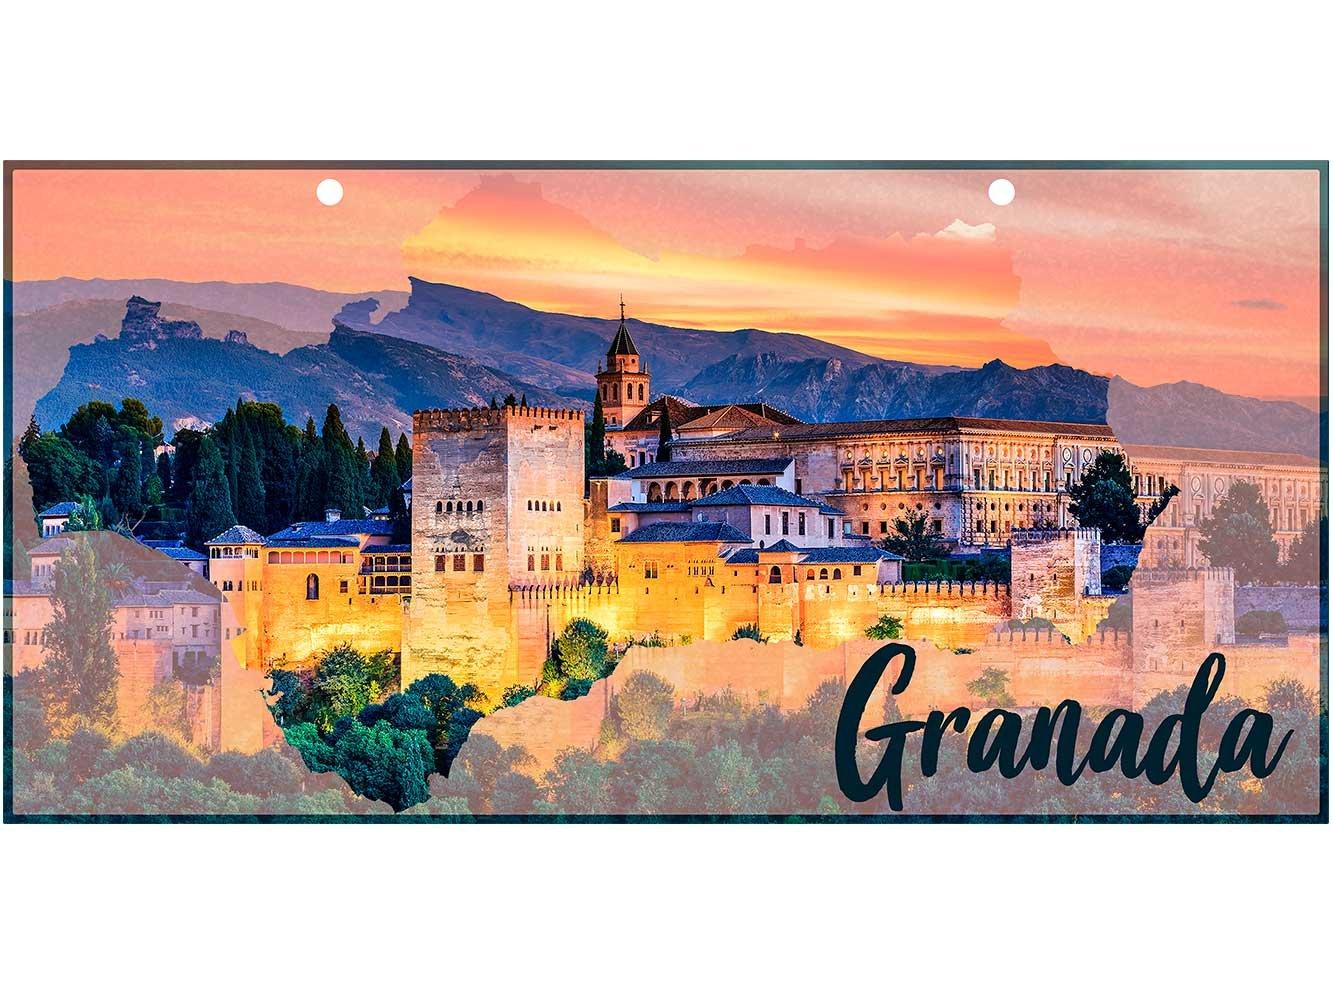 Matricula Decorativa 30,00 cm x 15,00 cm Granada ...